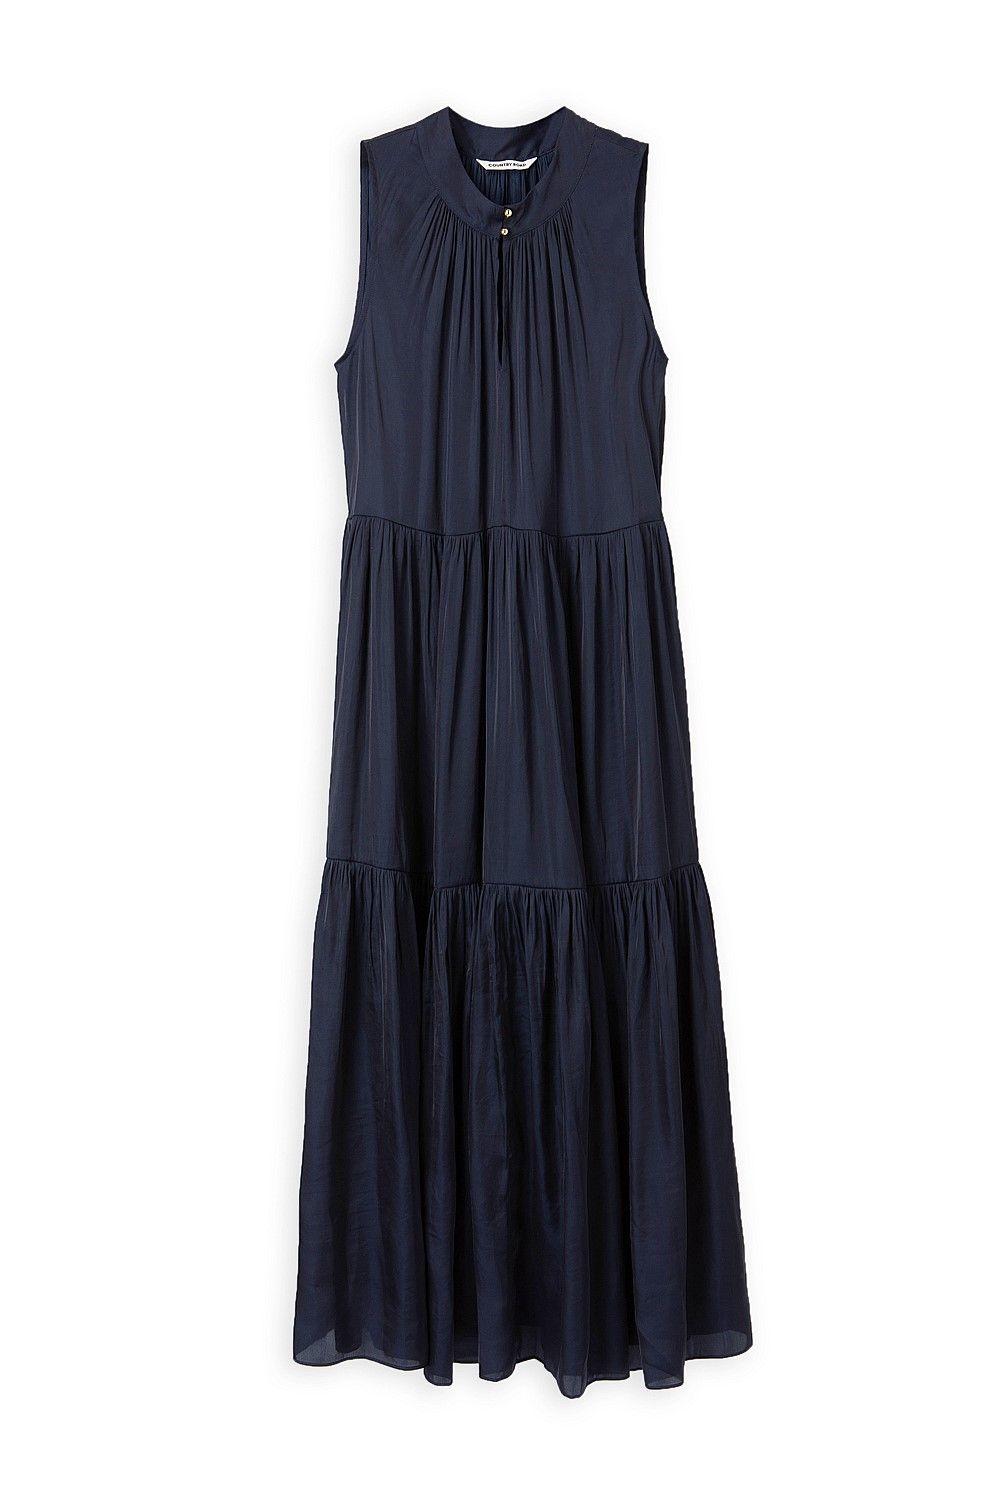 Tiered Midi Dress Dresses Midi Dress Tiered Dress Dresses